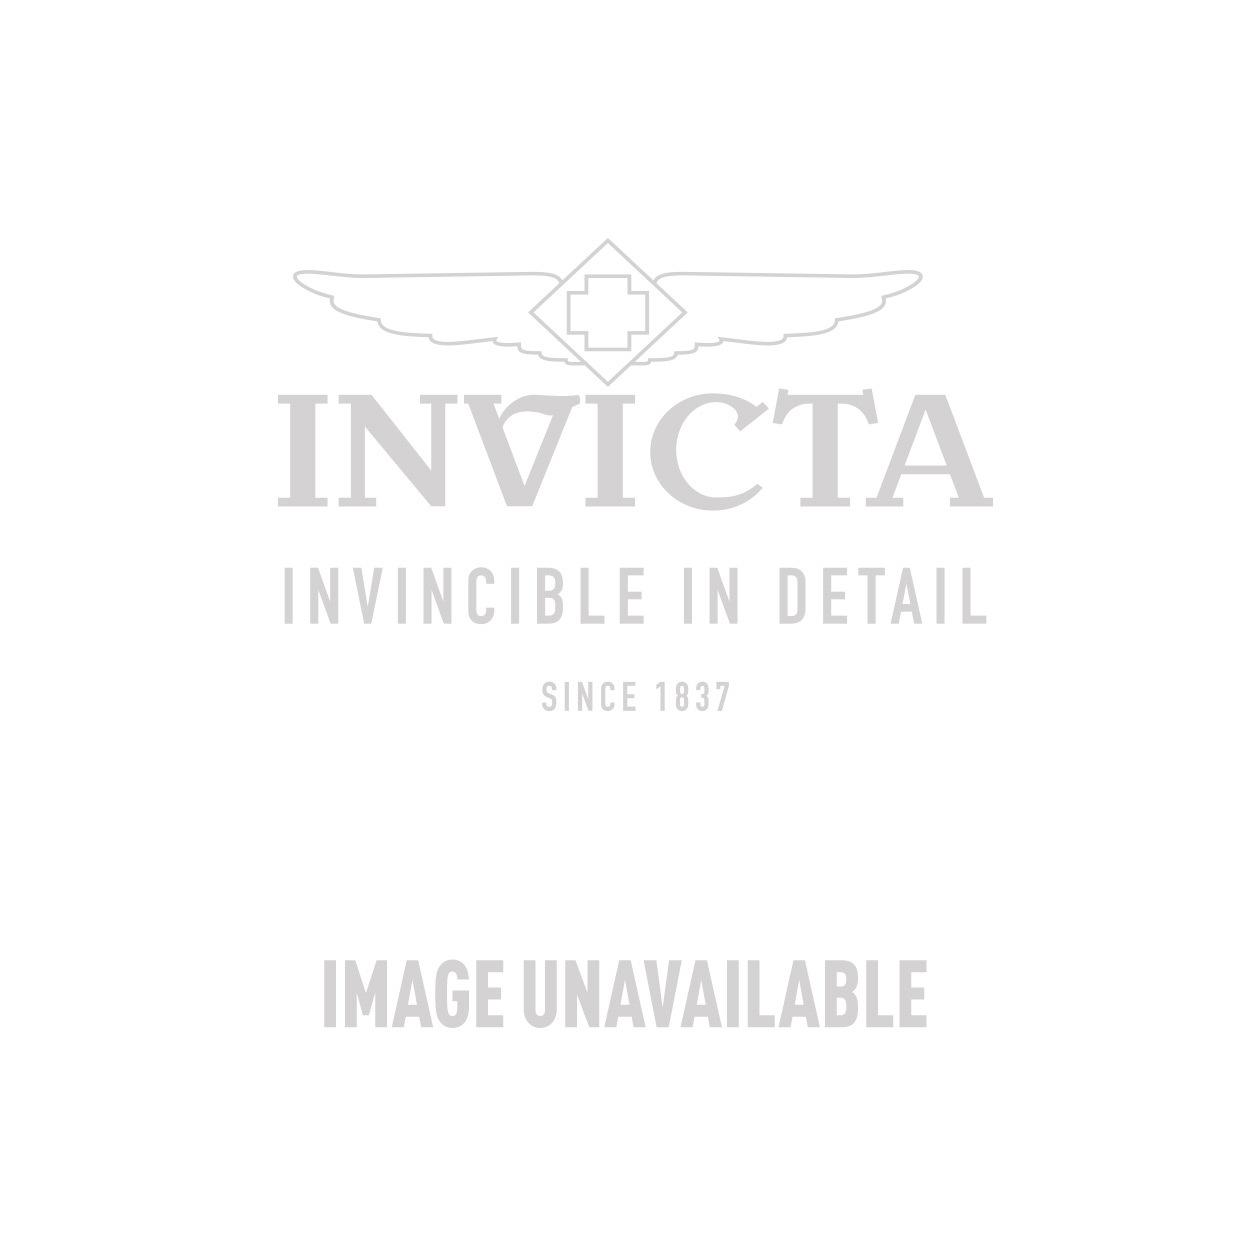 Invicta Model 25245